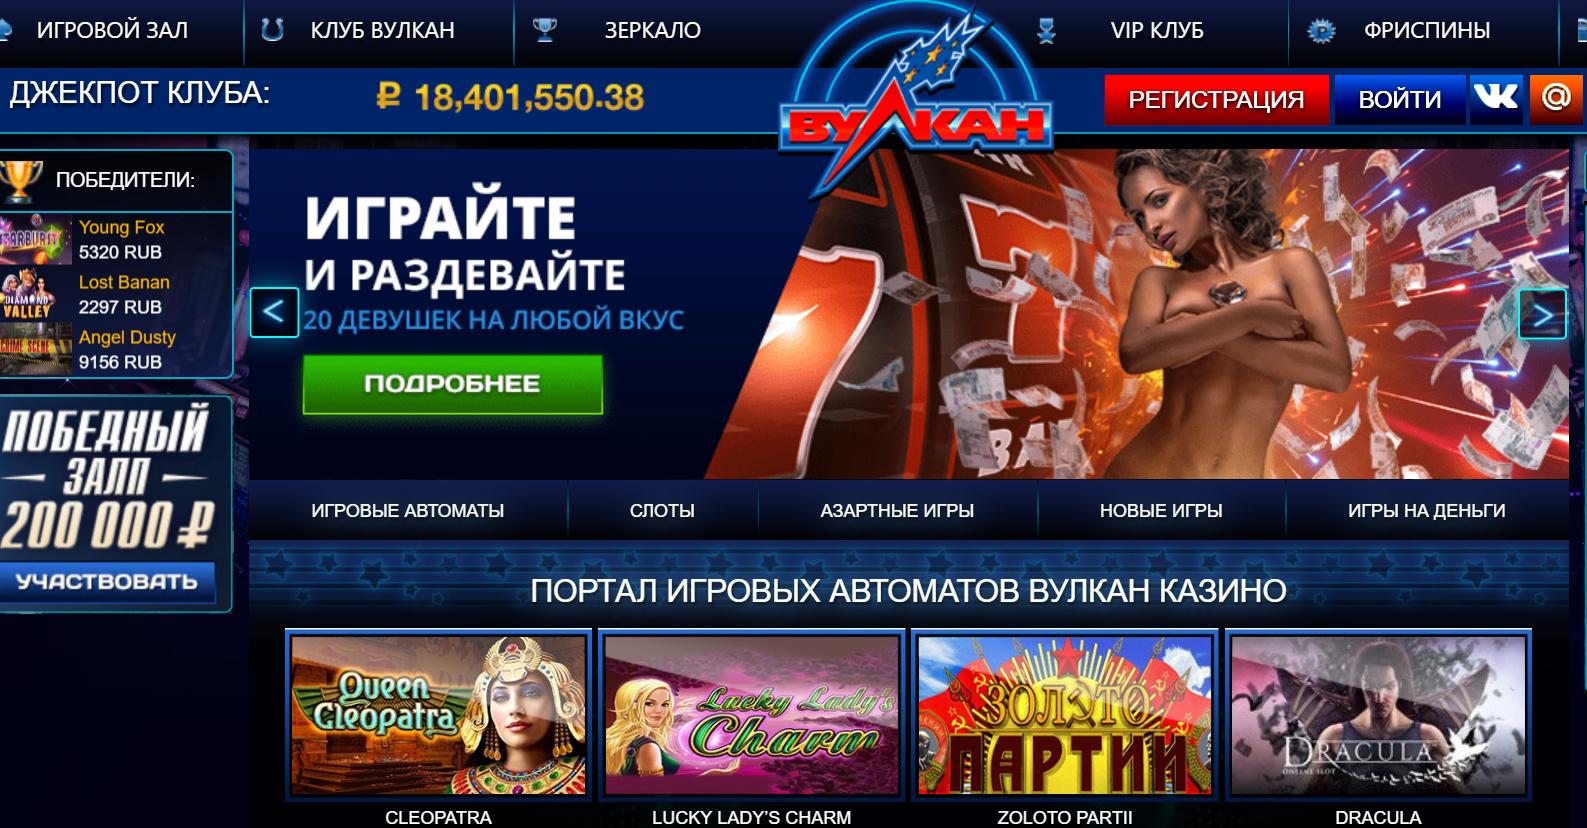 Безграничные развлечения с онлайн Вулкан казино